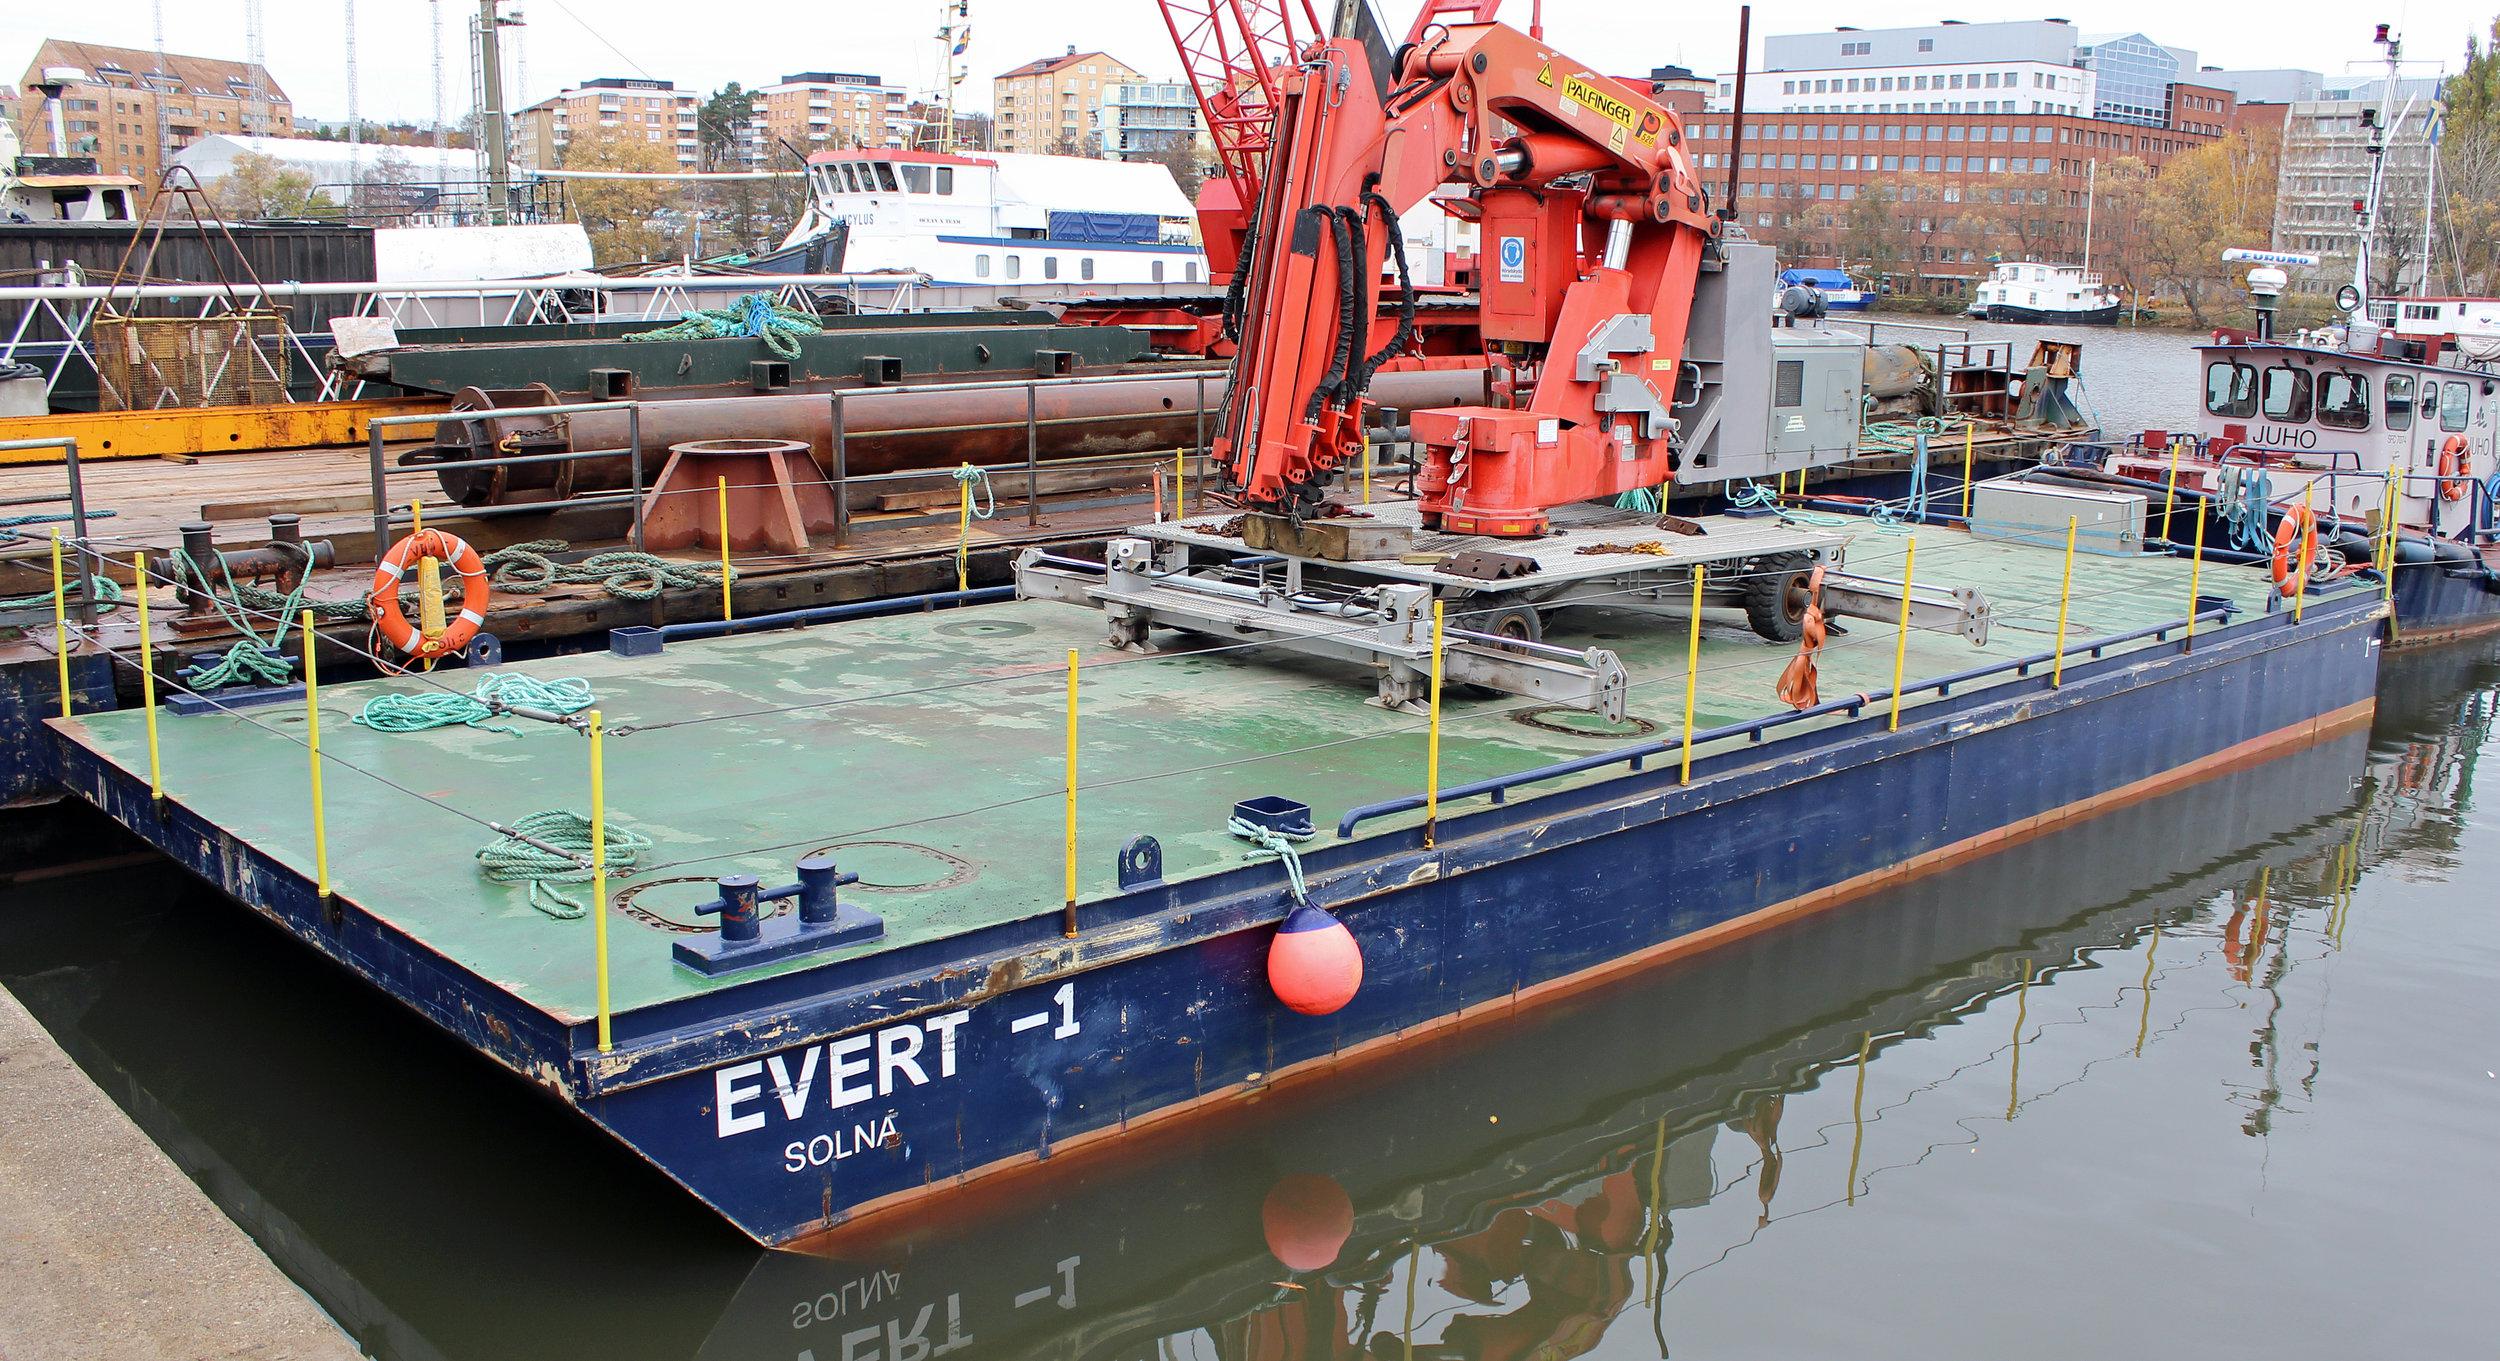 EVERT - Typ: pontonSignalbokstäver: SLZRLOA: 16,6 mBredd: 6,1 mDjup: 1,4 mLastkapacitet: 60 tonDäckarea: 100 m2GT: 32 ton